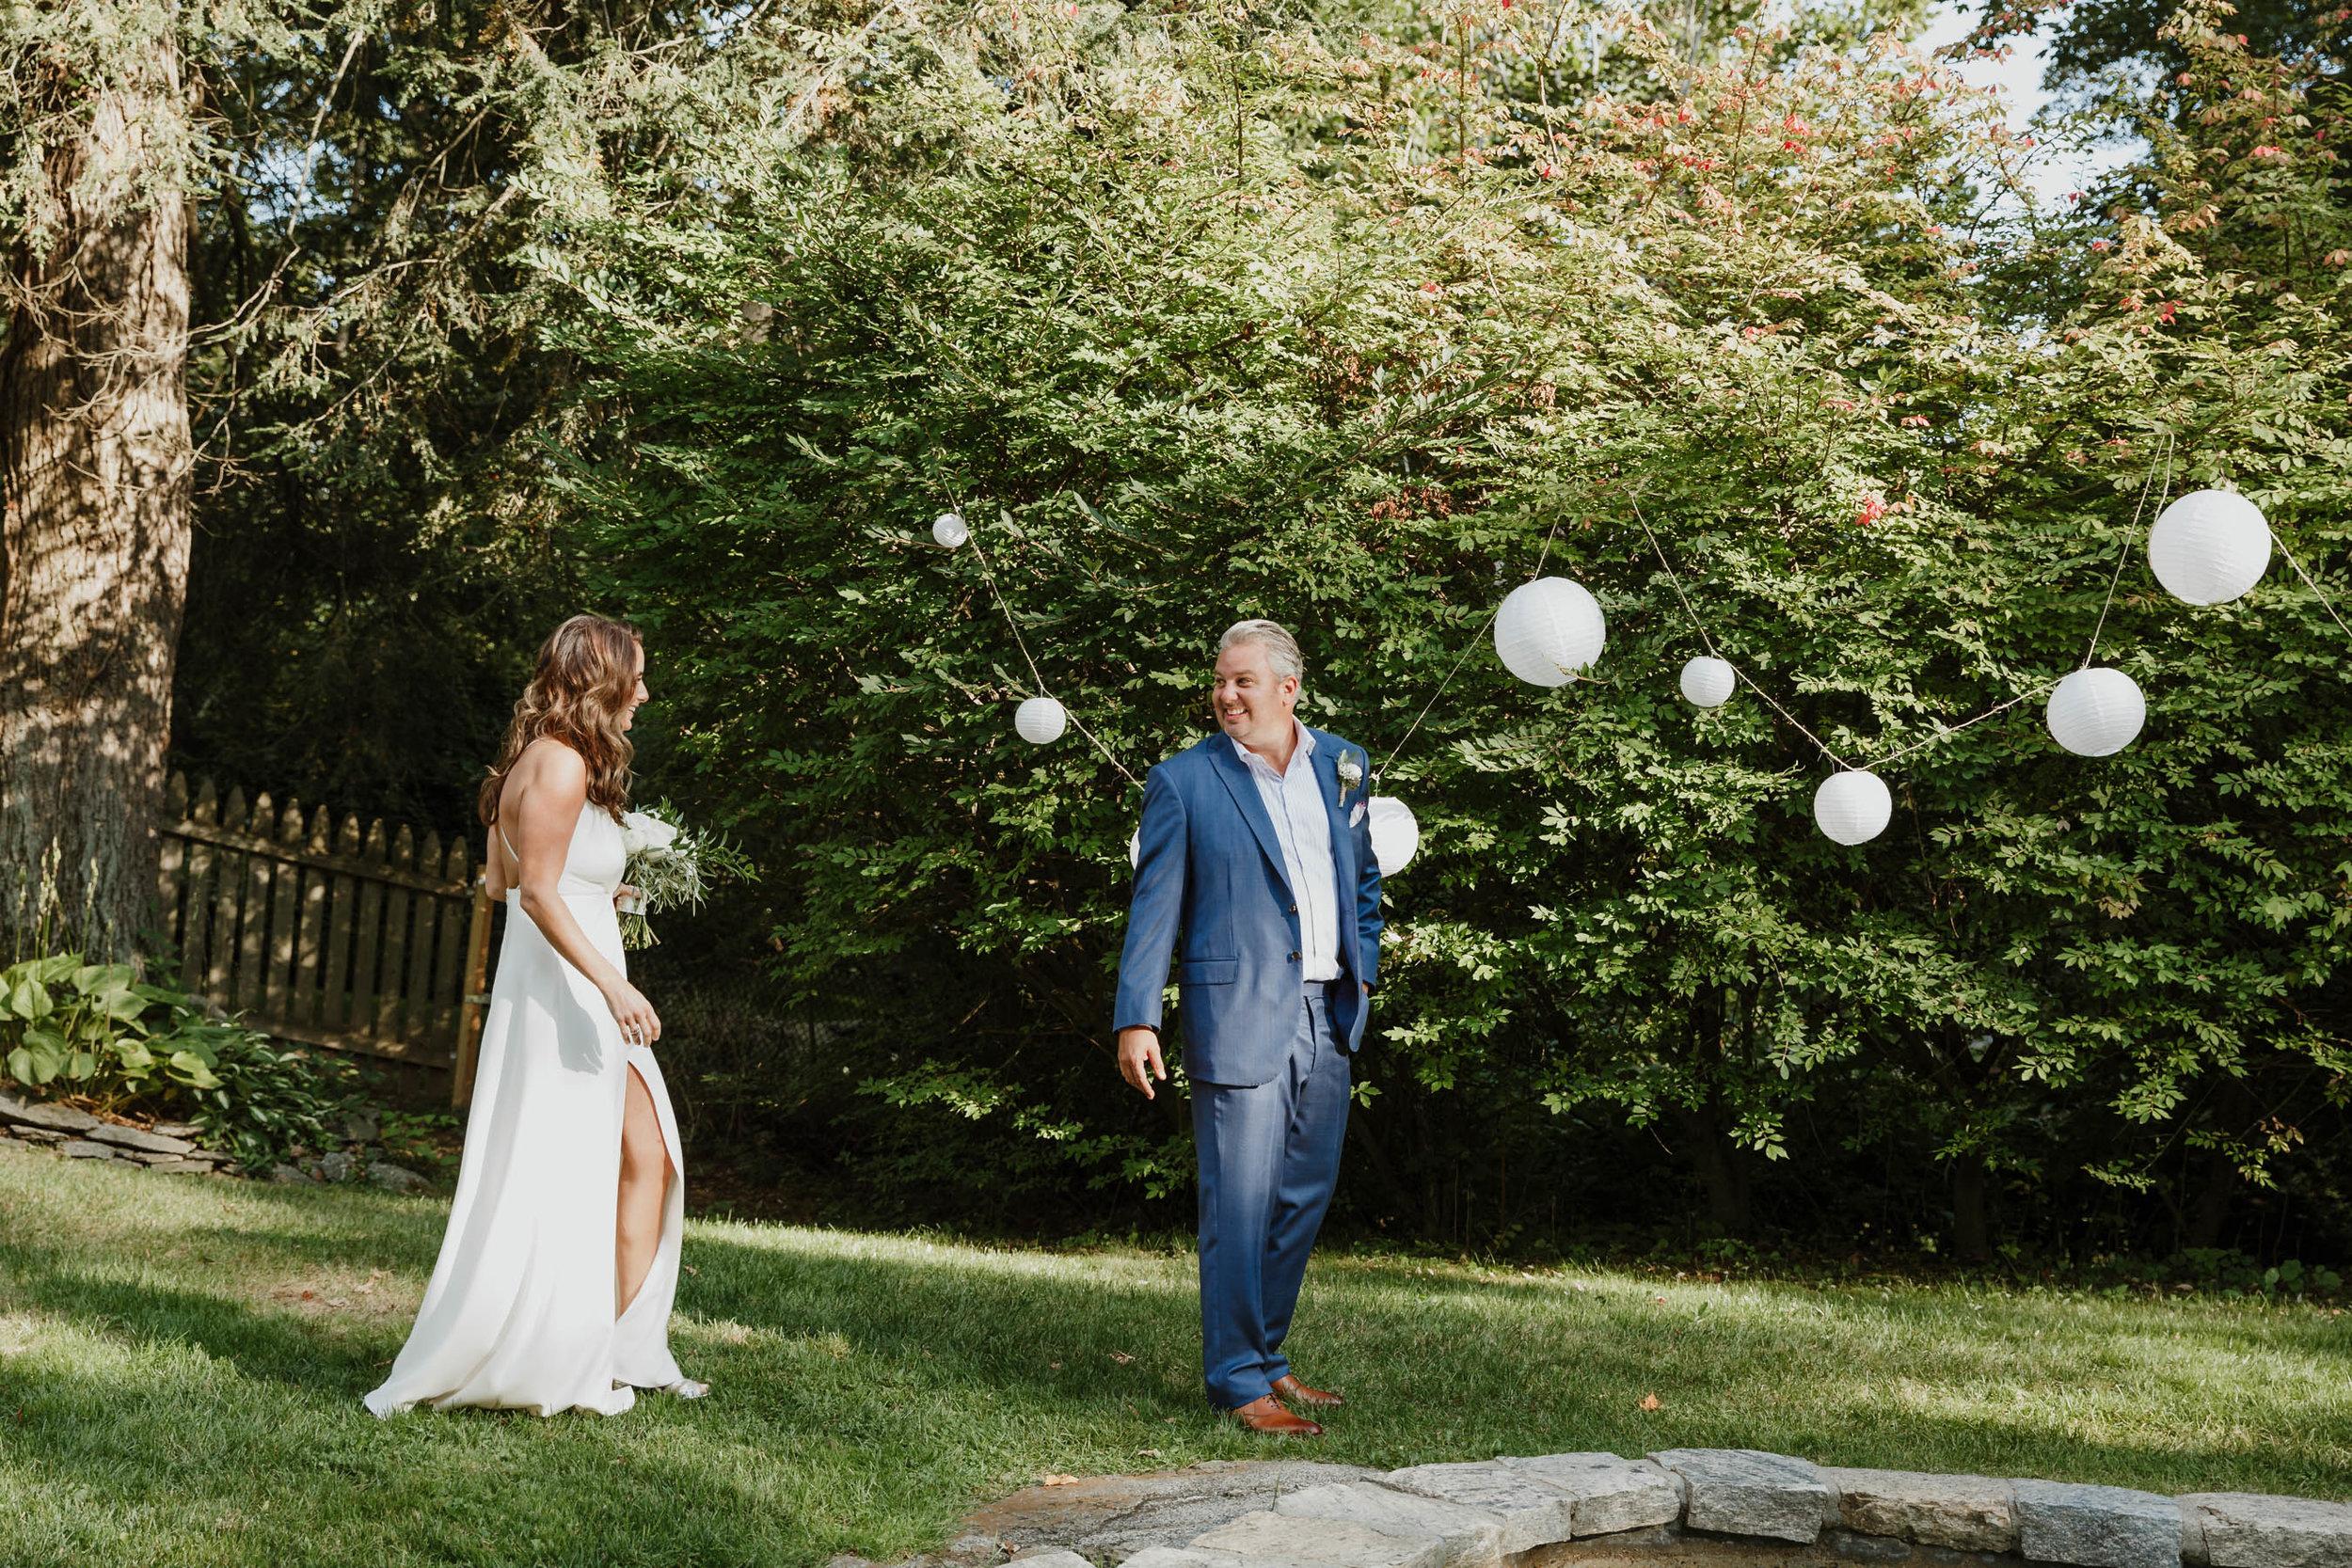 fairfield-county-connecticut-backyard-wedding-photographer--28.jpg